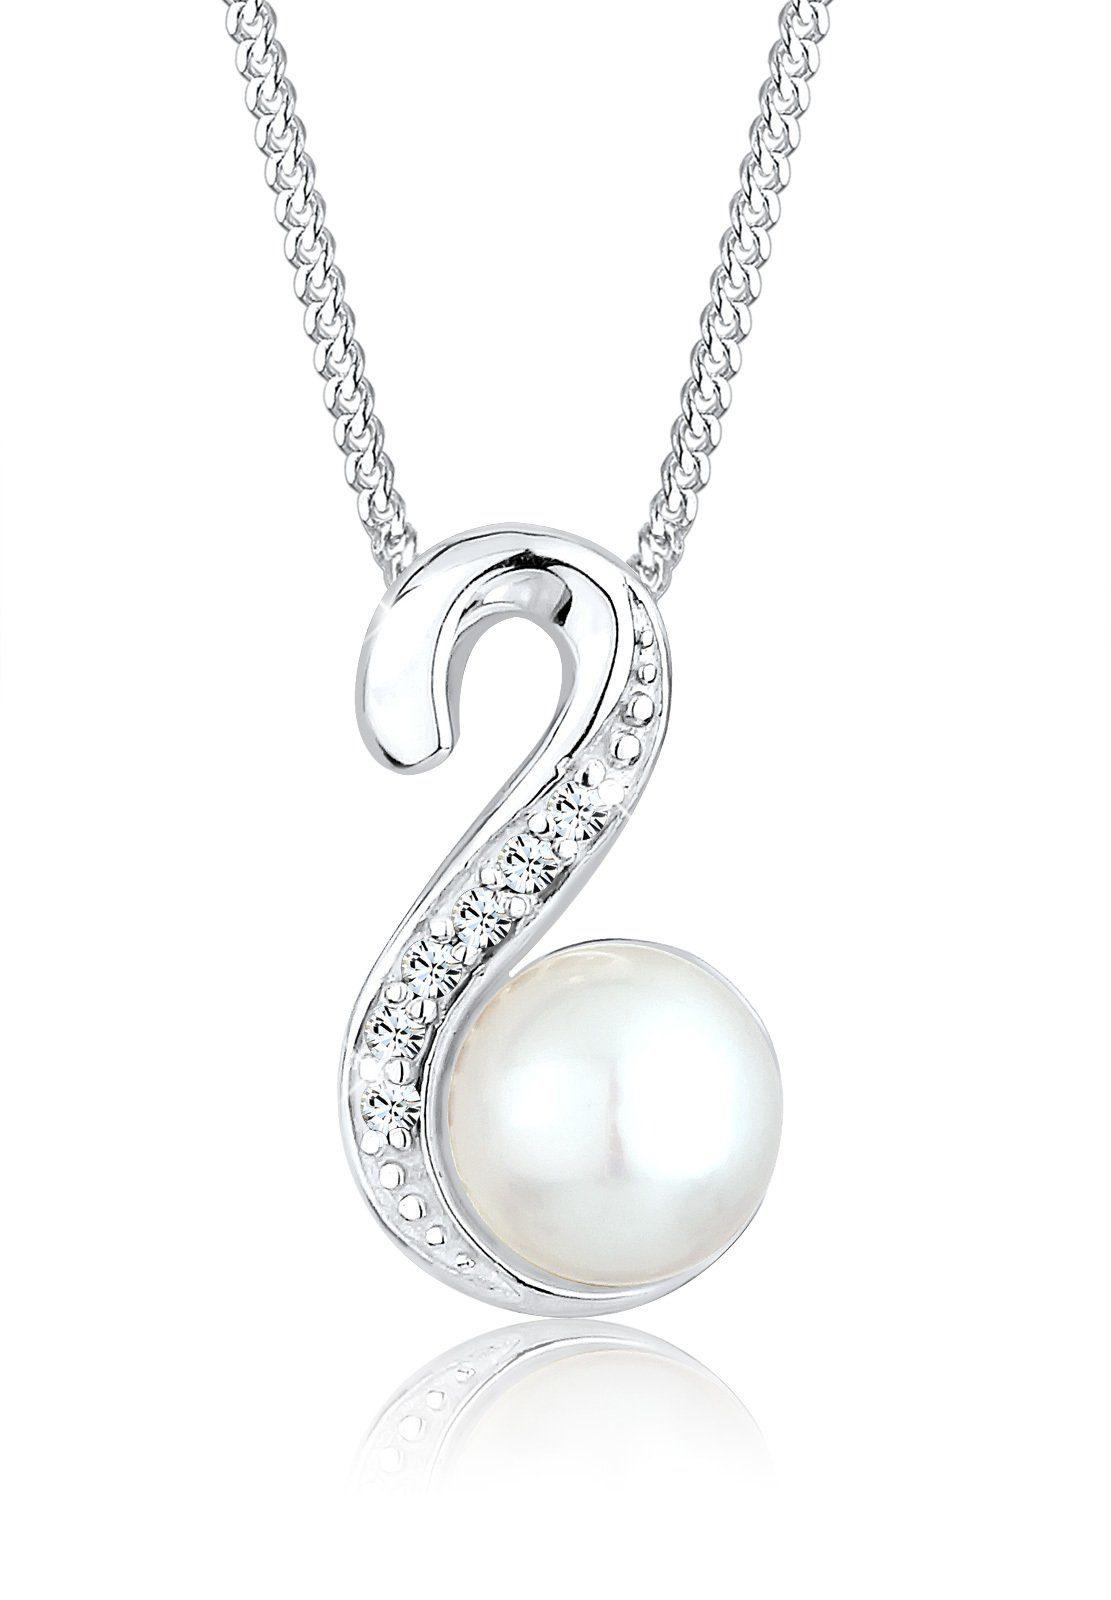 L & B Dame 925 Silber Schmuck Sets Rosa Kristall Weißen Zirkon Armband Halskette Anhänger Lange Ohrringe Kette Für Frauen GläNzend Brautschmuck Sets